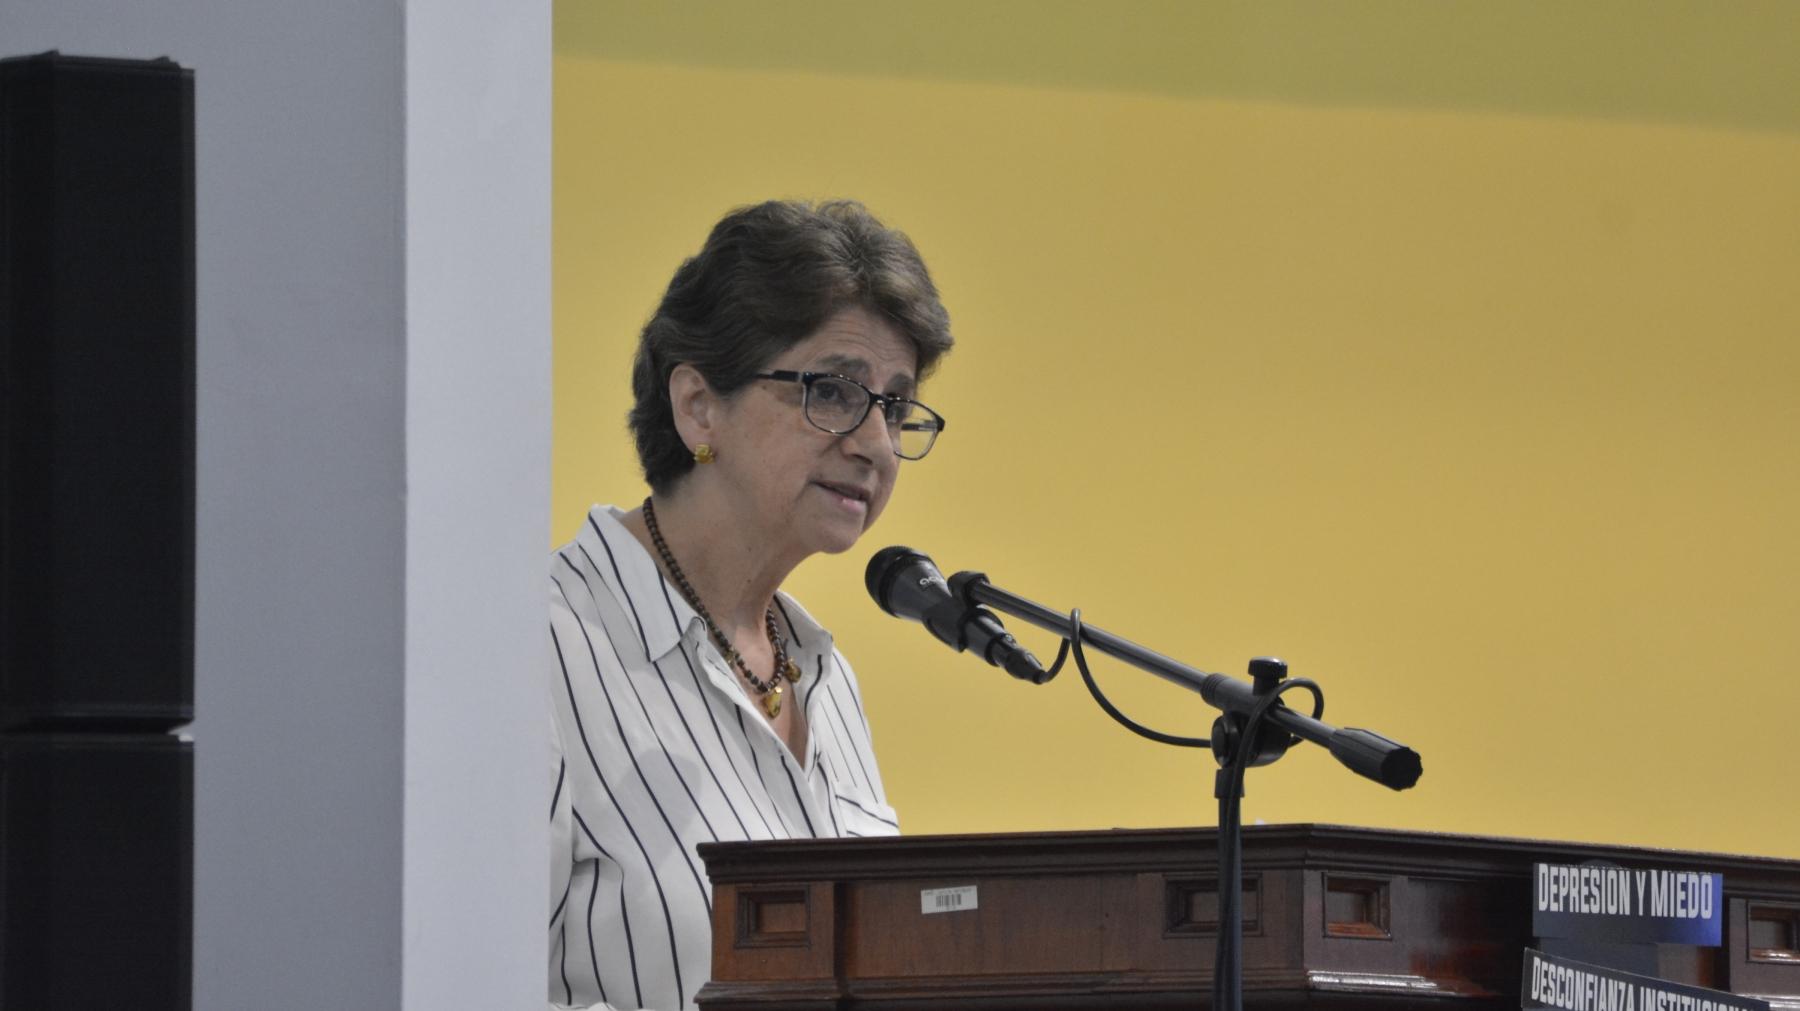 Intervención Grupo Interdisciplinario por los Derechos Humanos (GIDH)